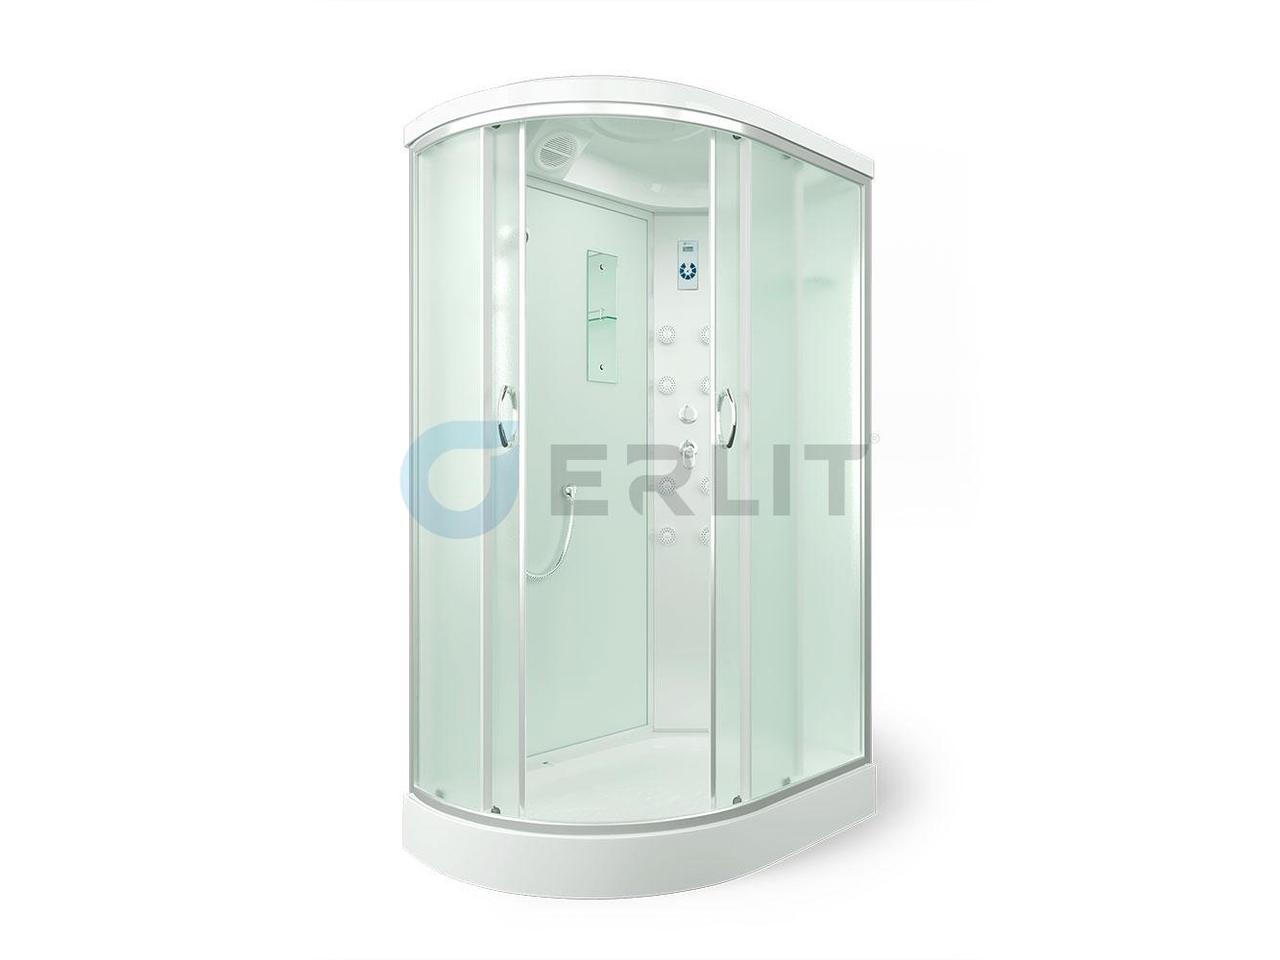 Душевая кабина ER4512PR-C3 1200*800*2150 низкий поддон, светлое стекло, правосторонняя